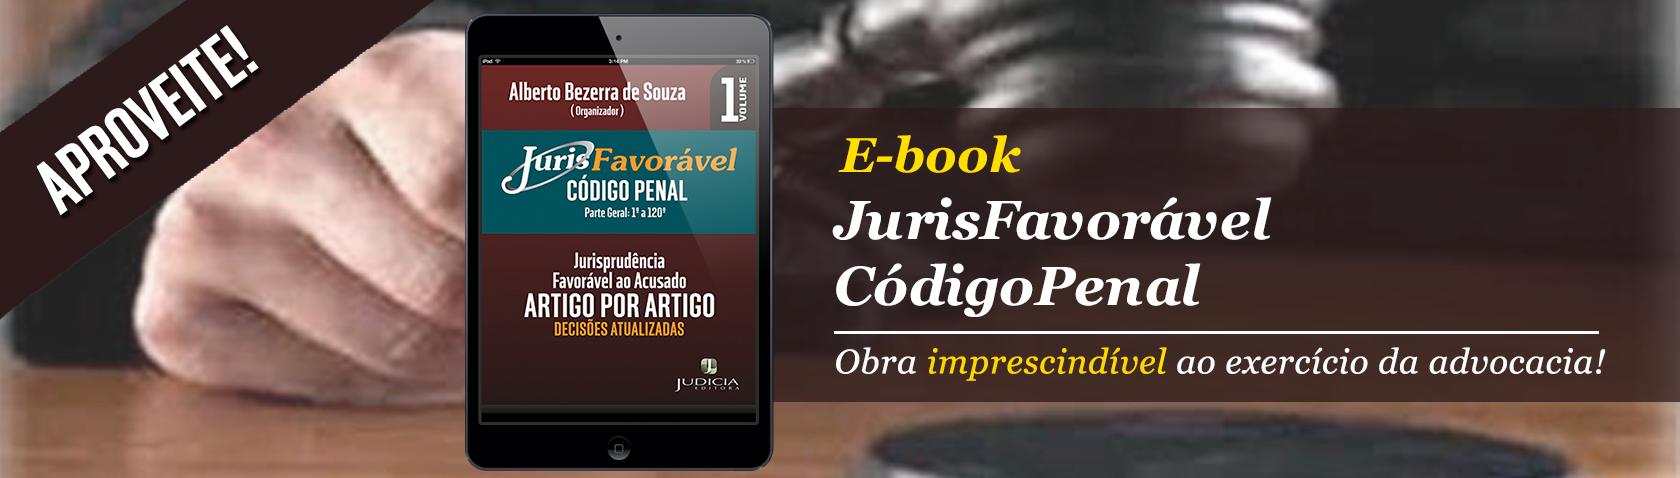 banner_jurisfavoravel_penal_01